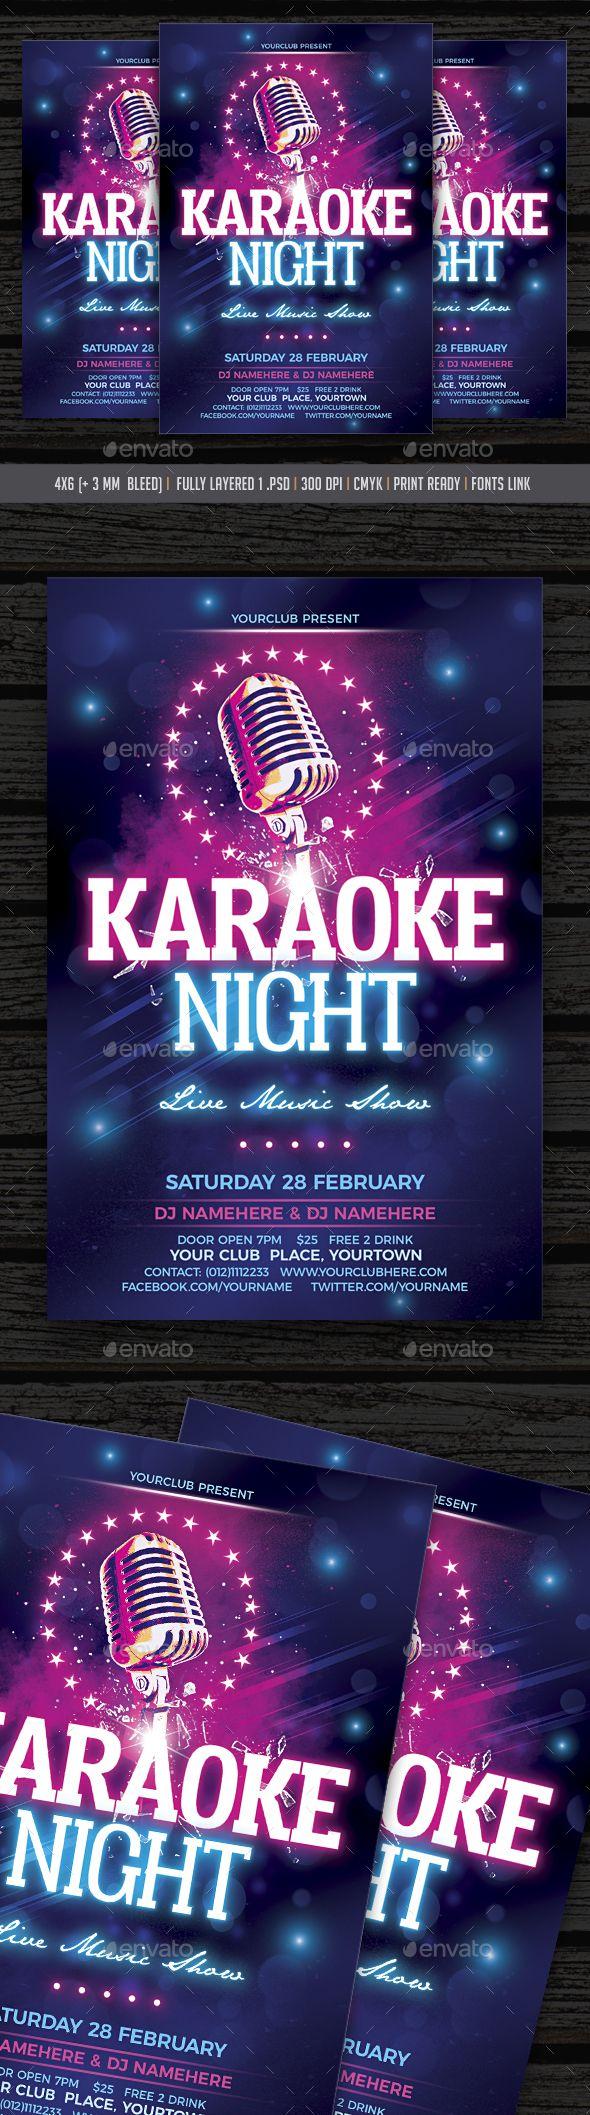 Karaoke Night Flyer Template PSD